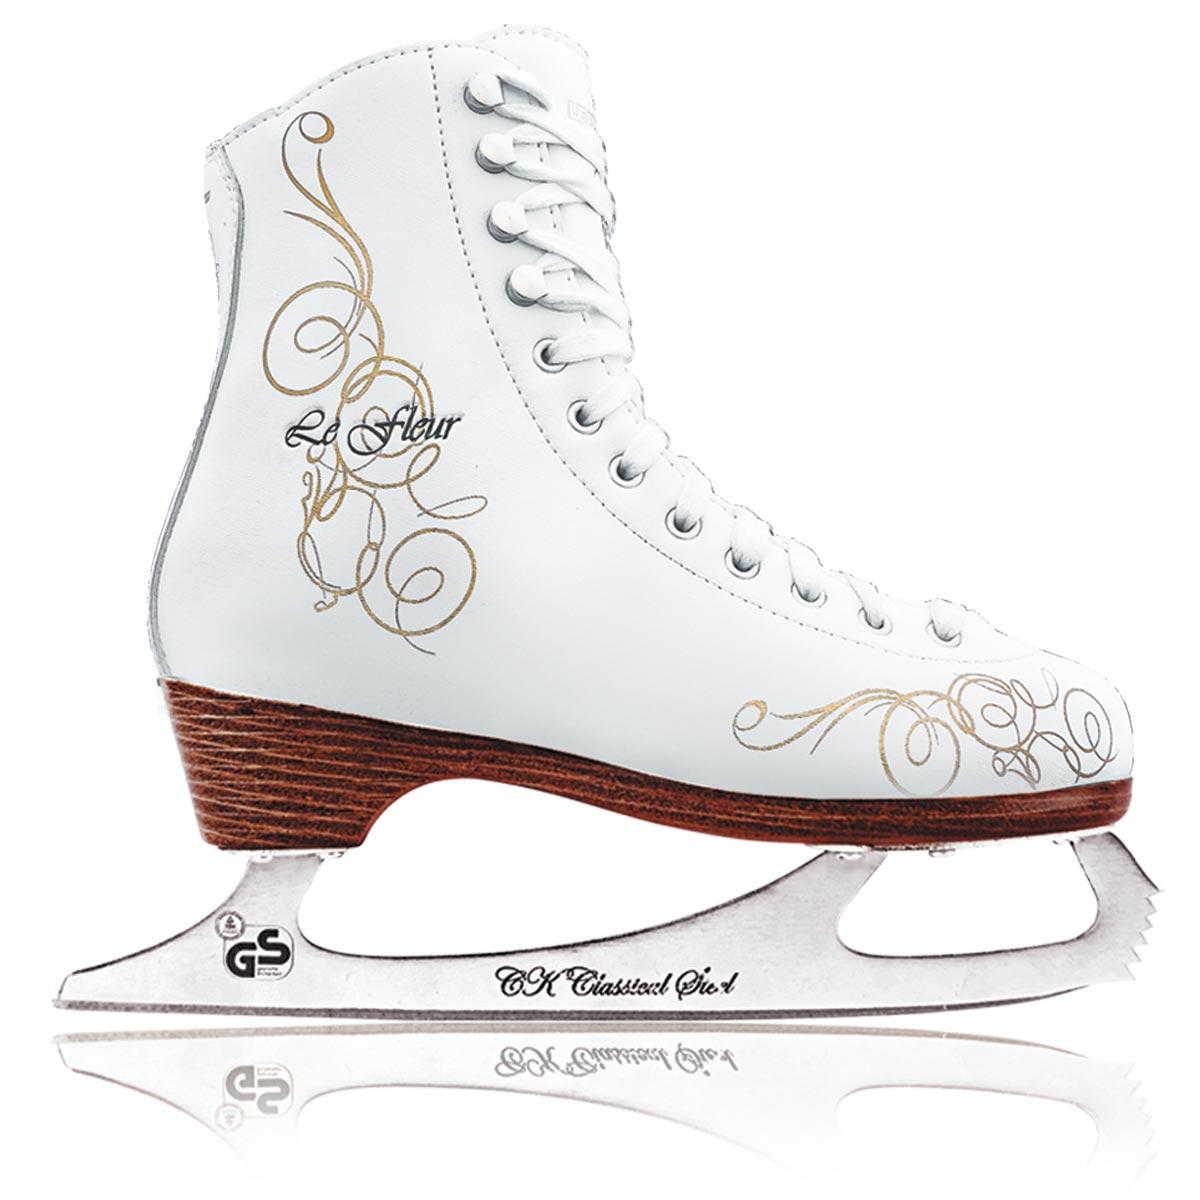 Коньки фигурные для девочки СК Le Fleur Leather 50/50, цвет: белый, золотой. Размер 30LE FLEUR leather 50/50_белый, золотой_30